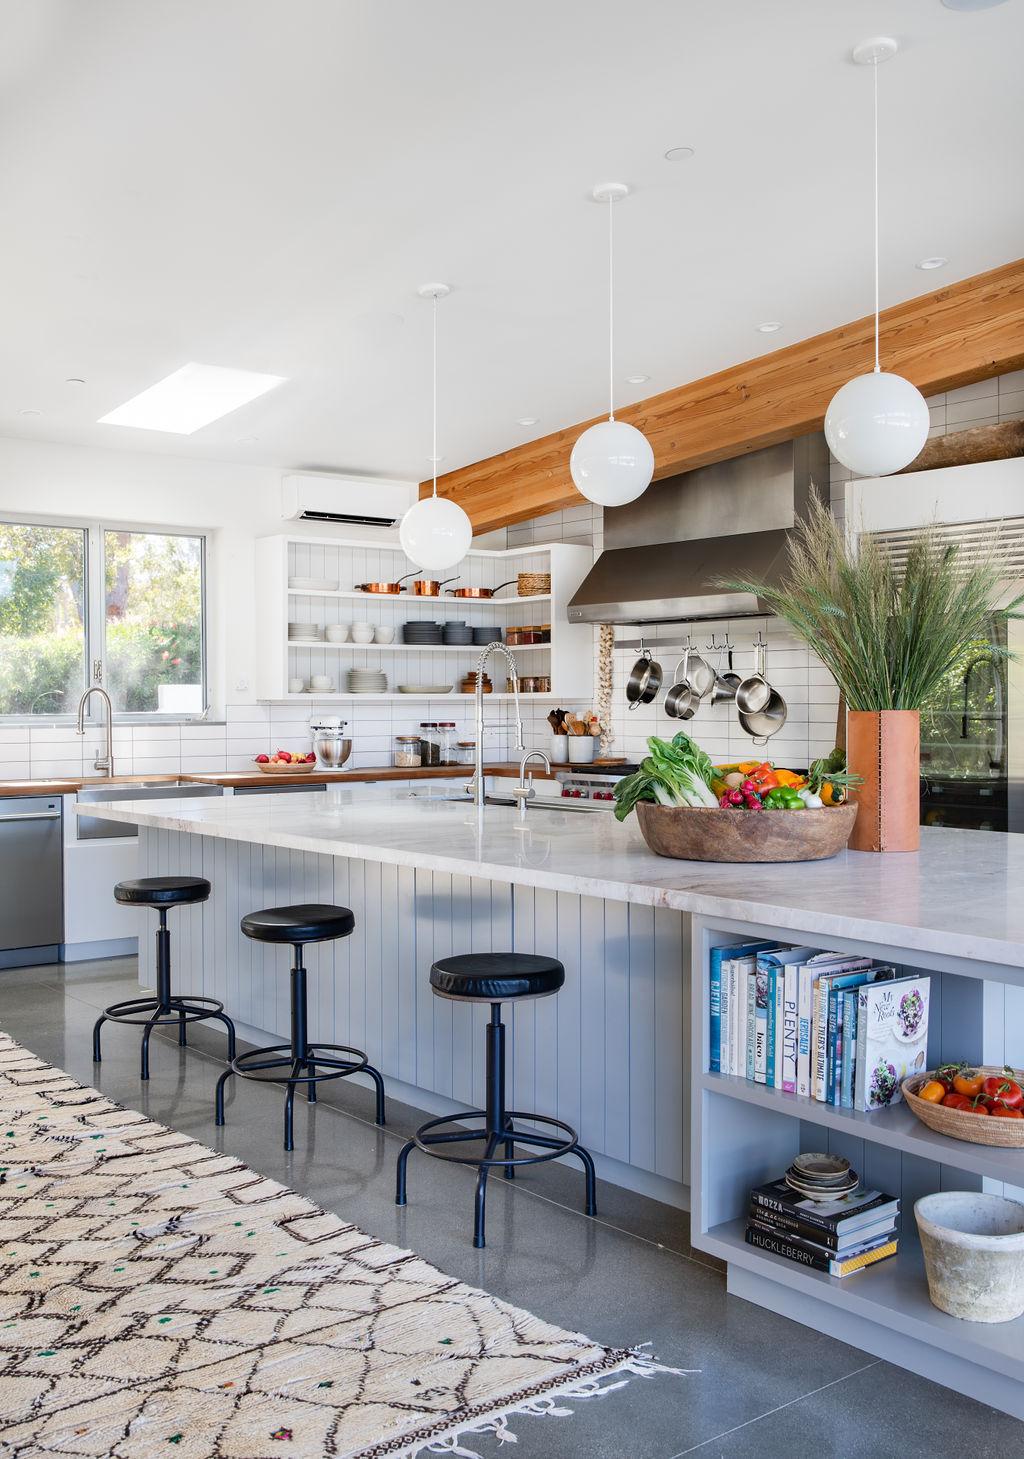 Malibu Modern Farmhouse by Burdge & Associates Architects in Malibu, California.  #home #architecture #house #homeinspo #homedesign #kitchen #kitcheninspo #kitchenisland